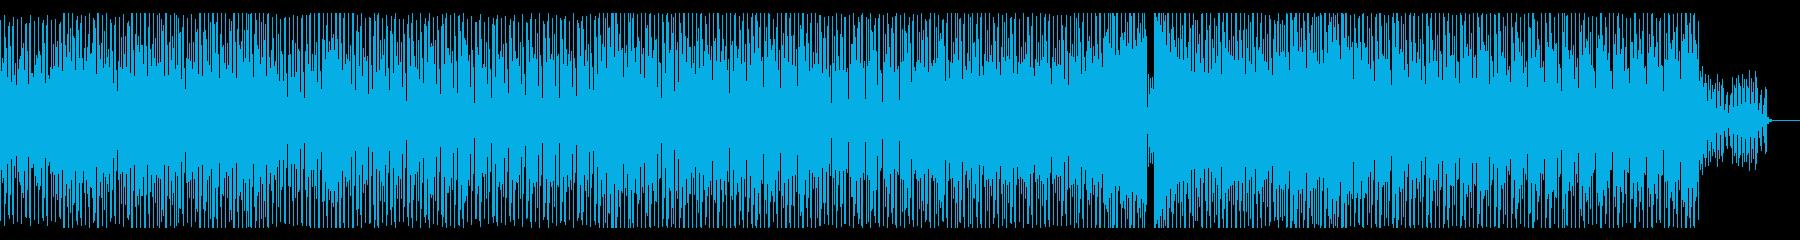 クールかっこいいシンセメロの曲の再生済みの波形